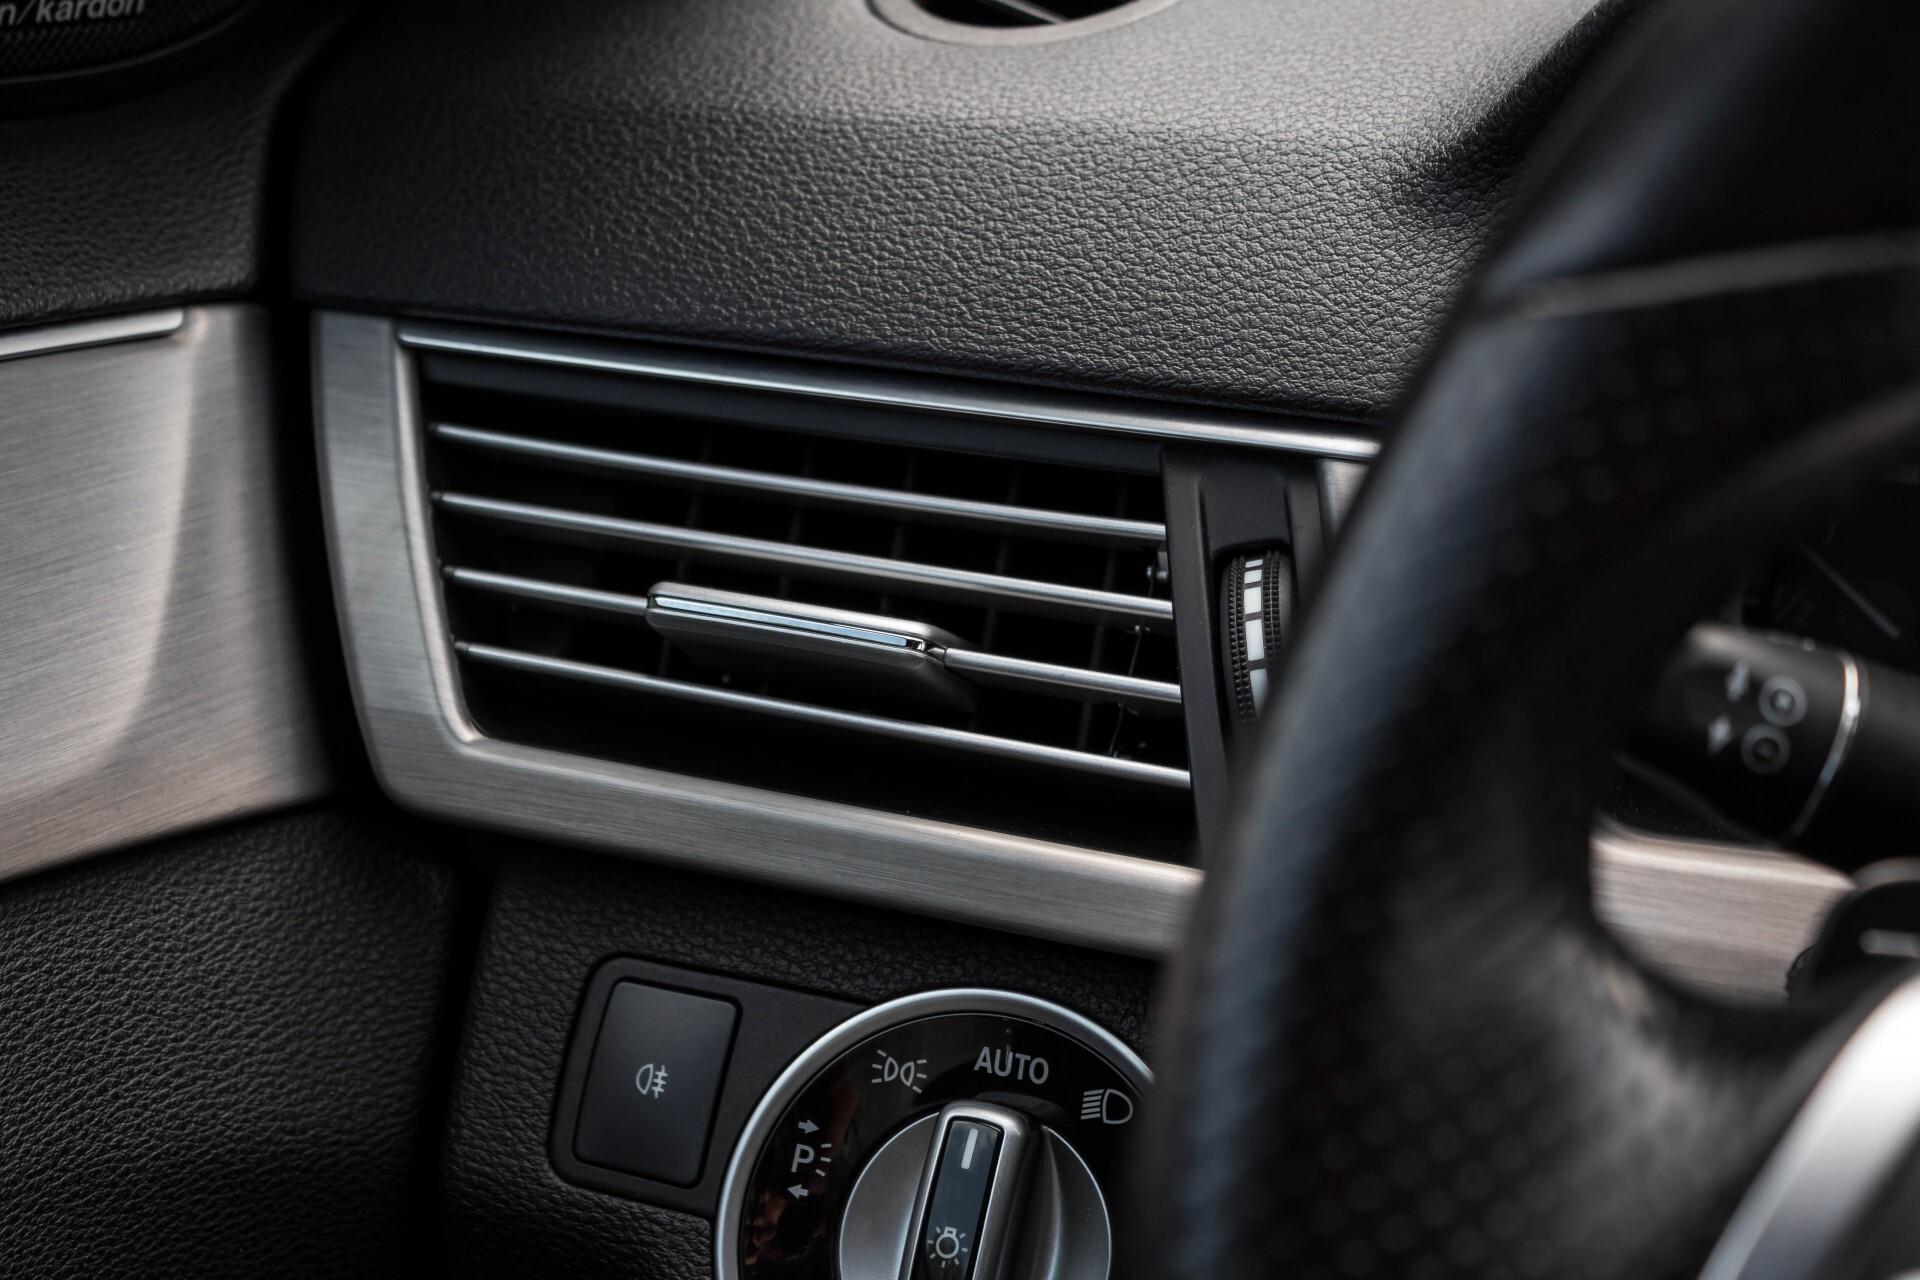 Mercedes-Benz E-Klasse Estate 350 Cdi AMG Luchtvering/Schuifdak/Comand/Harman Kardon/ILS Aut7 Foto 42